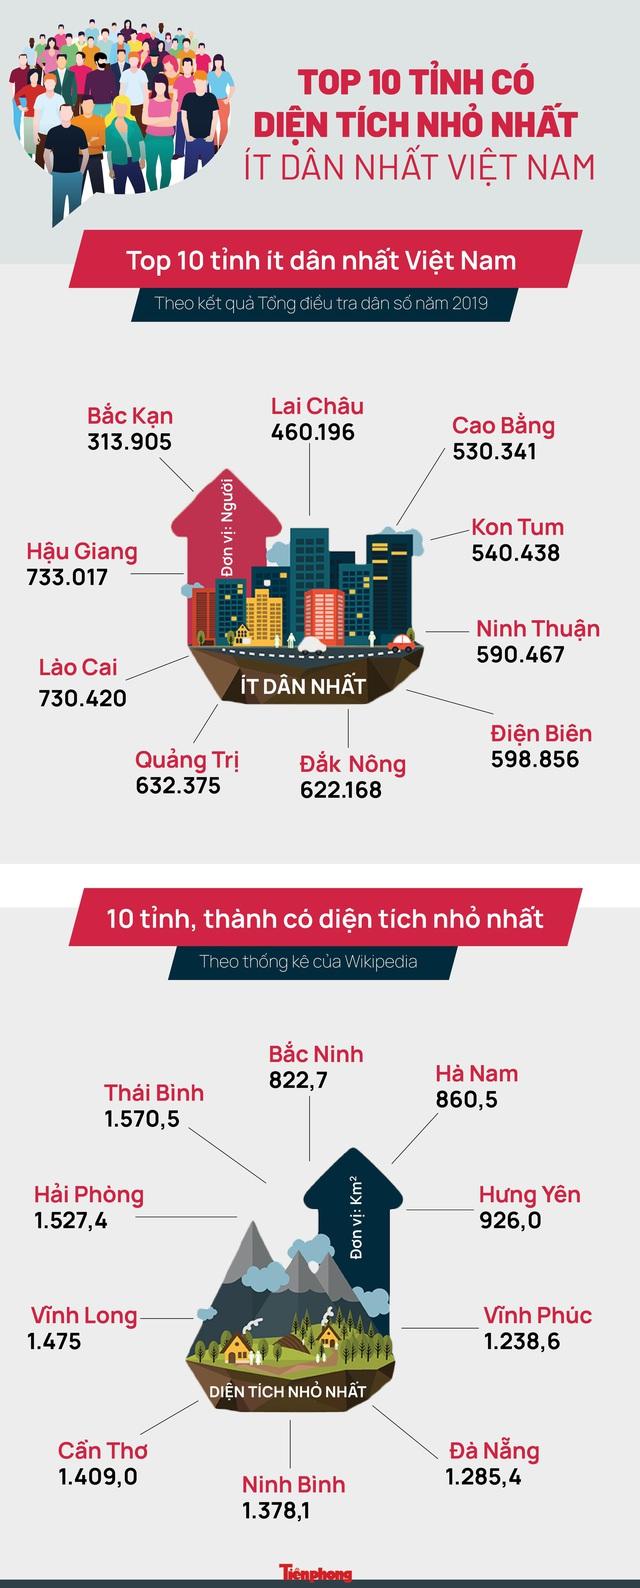 10 tỉnh có diện tích nhỏ nhất, ít dân nhất Việt Nam - Ảnh 1.